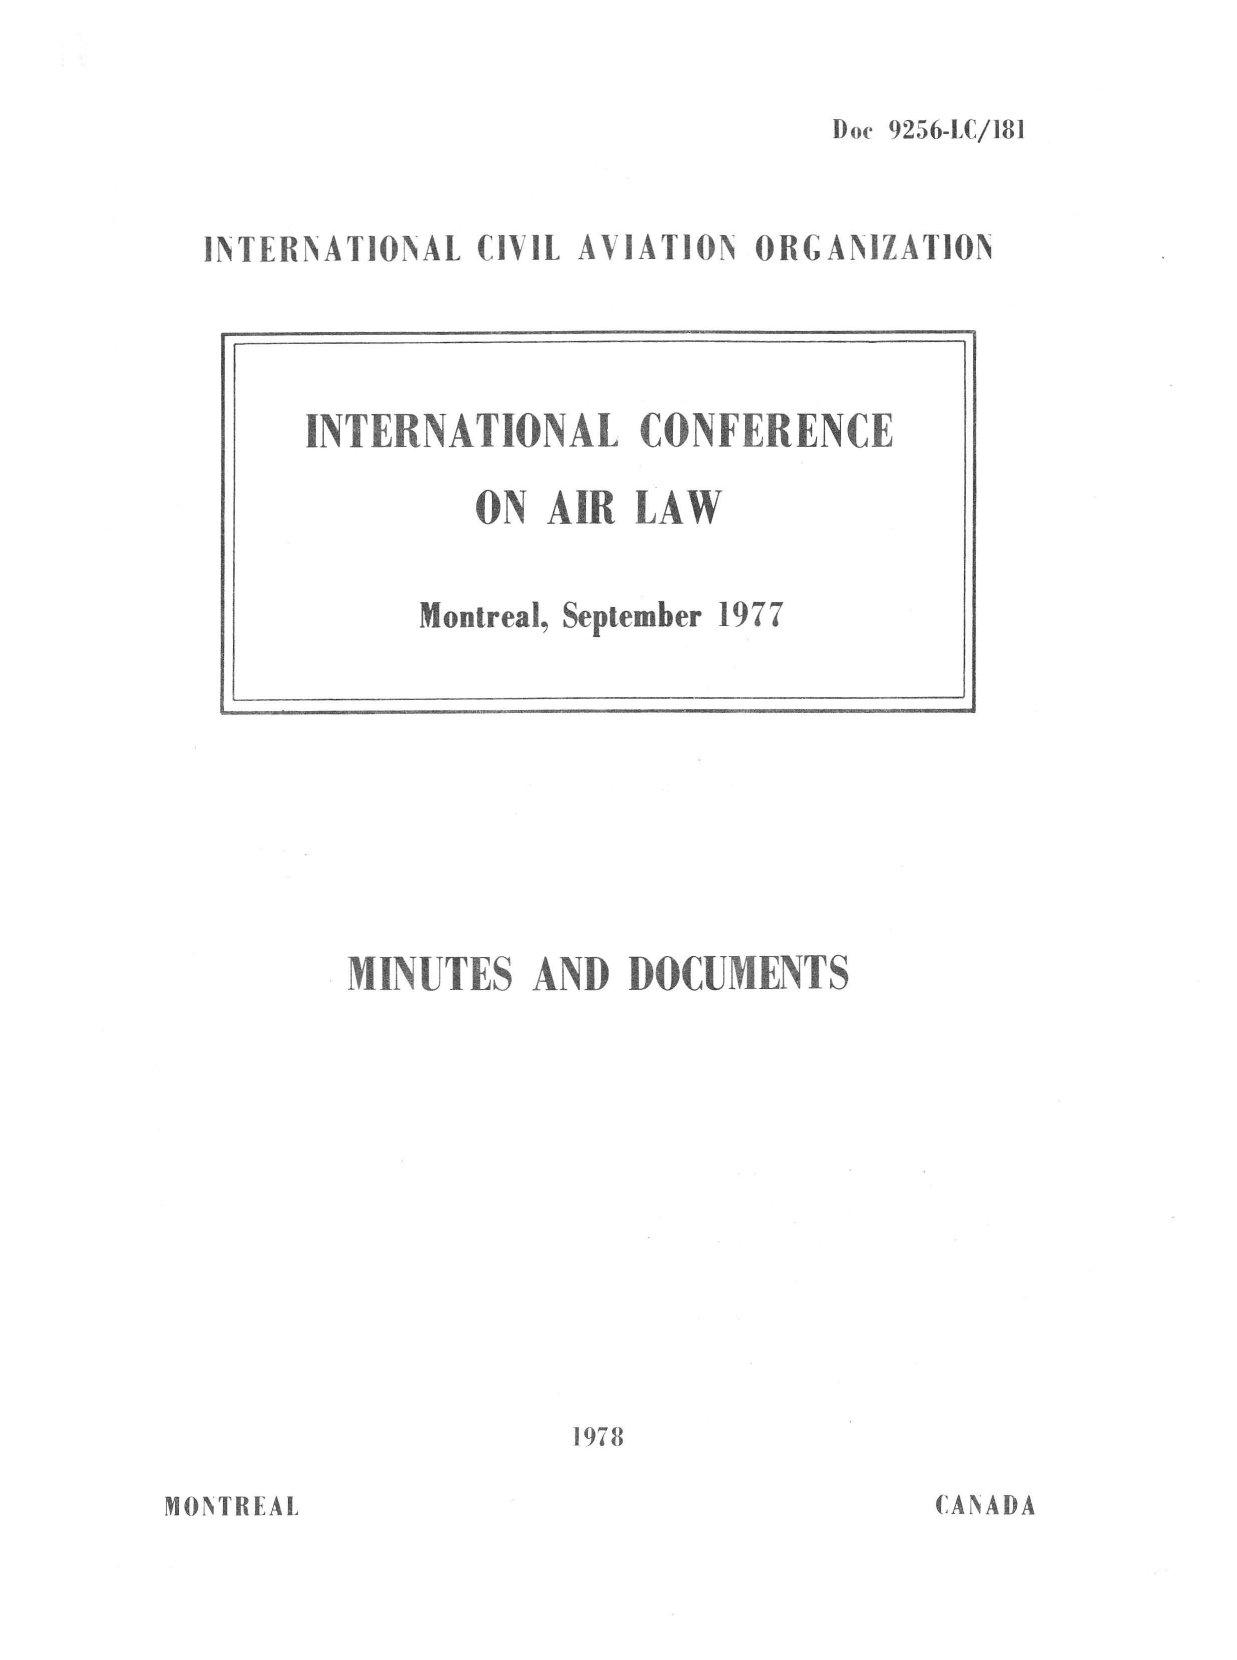 ICAO Doc 9256 Международная конференция по воздушному праву. (Протокол об аутентичном четырехъязычном тексте и Конвенции о международной гражданской авиации (Чикаго, 1944 год)) Монреаль, сентябрь 1977 г.